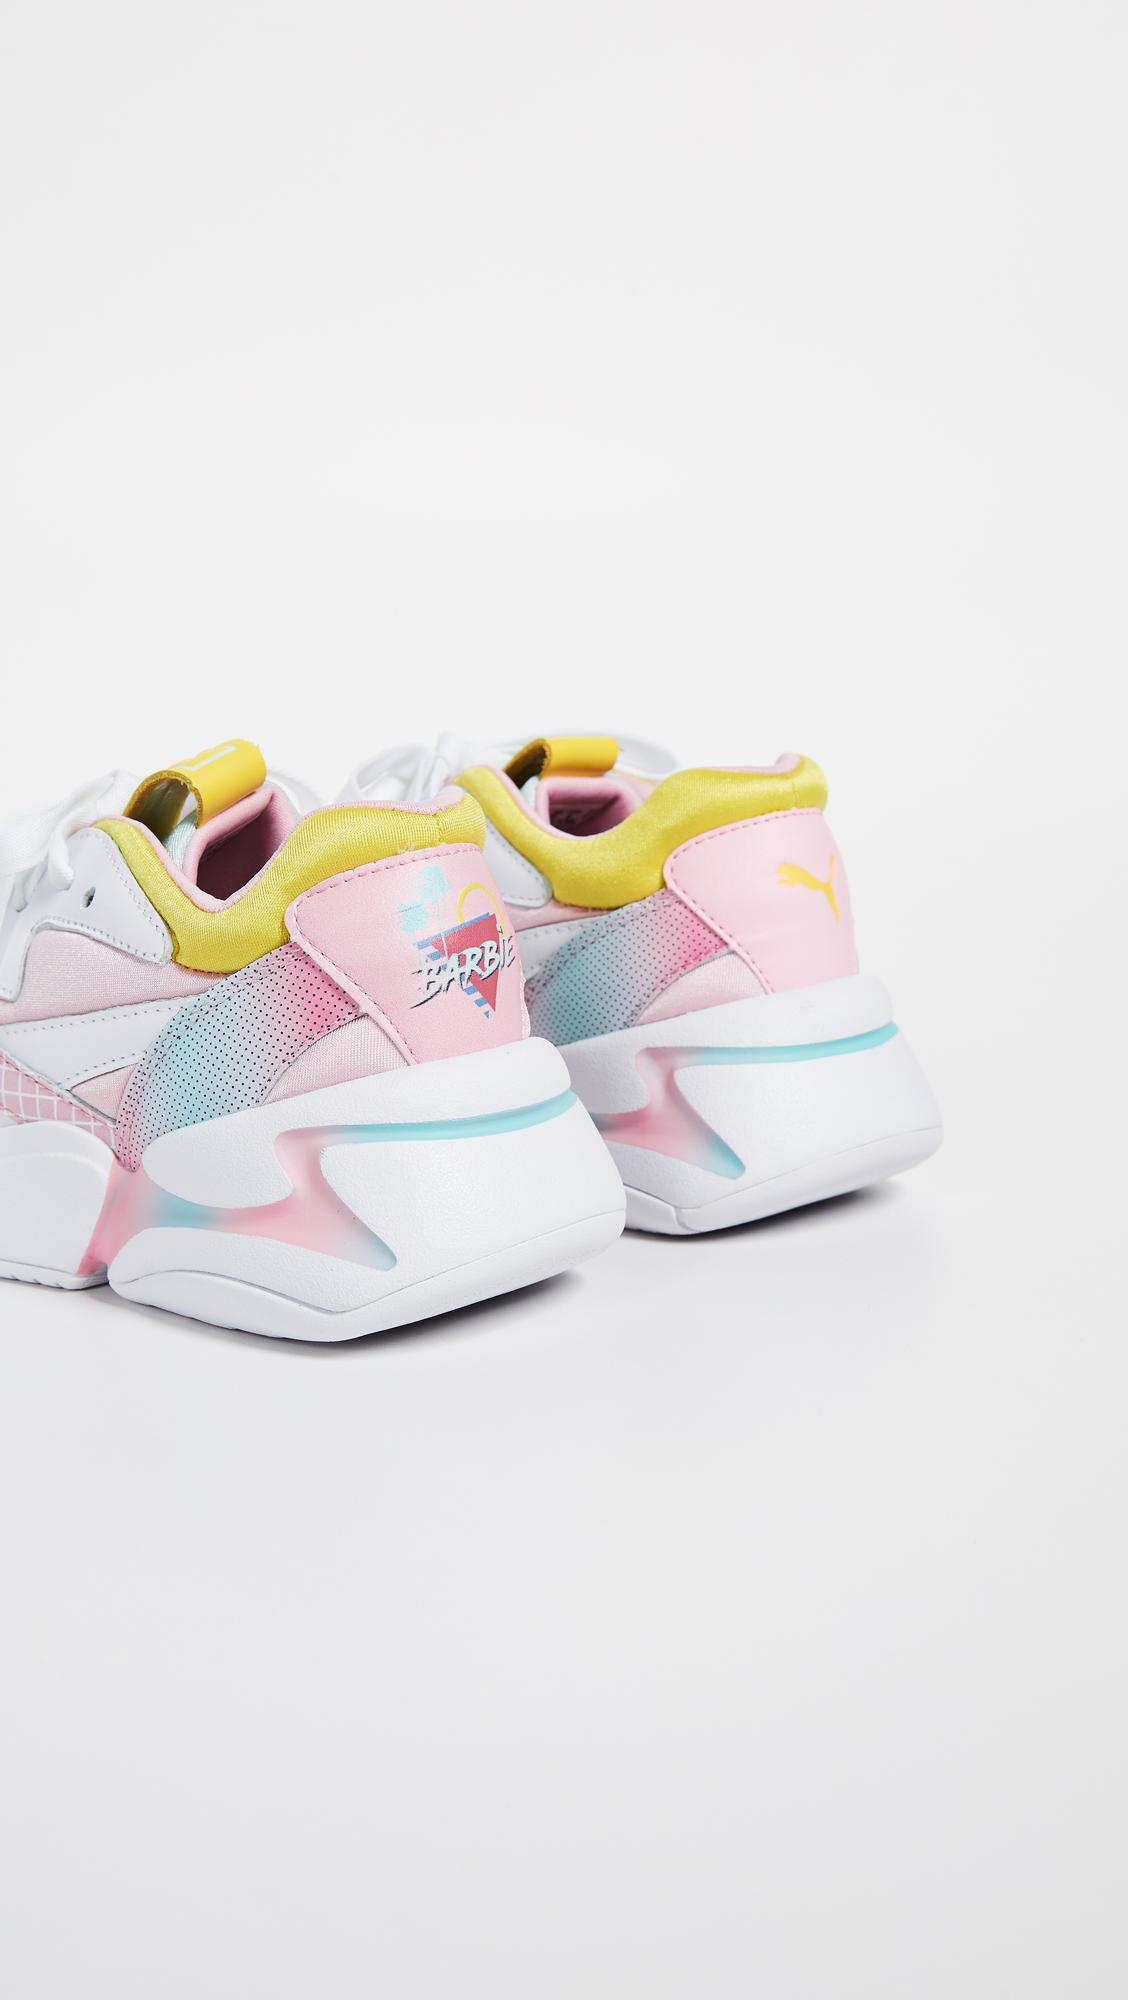 online store db2ea d42ec PUMA Nova x Barbie Sneakers | SHOPBOP